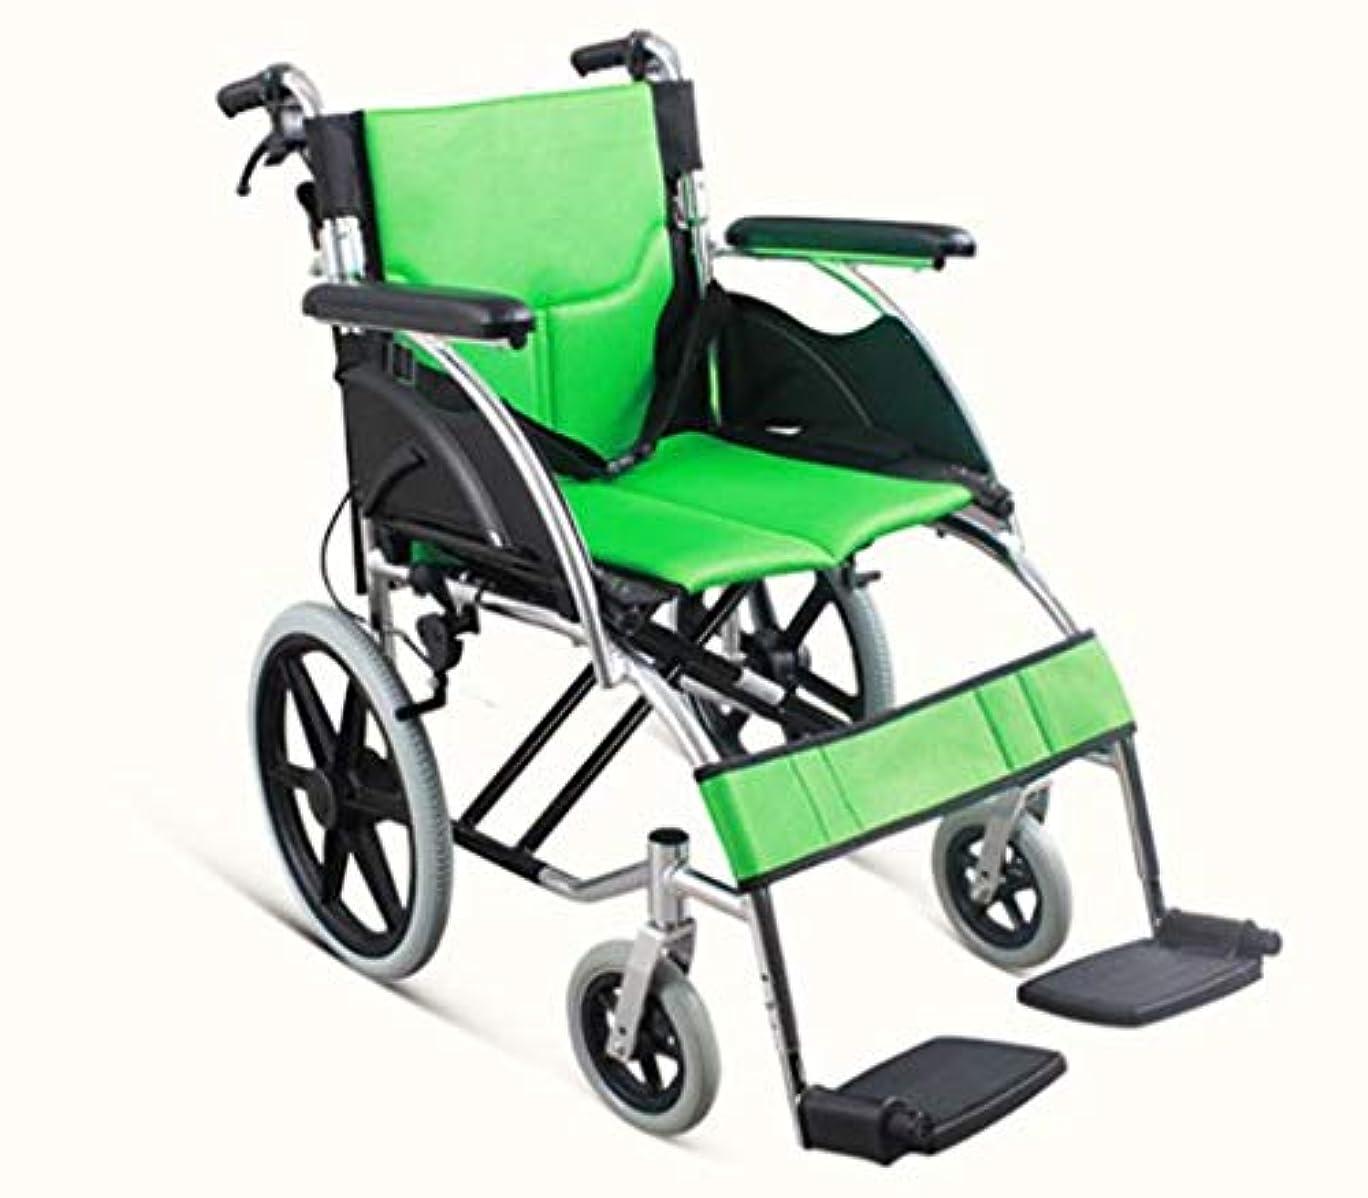 論理的無駄なバルセロナ手動車椅子折りたたみ式、ポータブル車椅子高強度アルミニウム合金ブラケット、屋外旅行高齢者車椅子に適しています